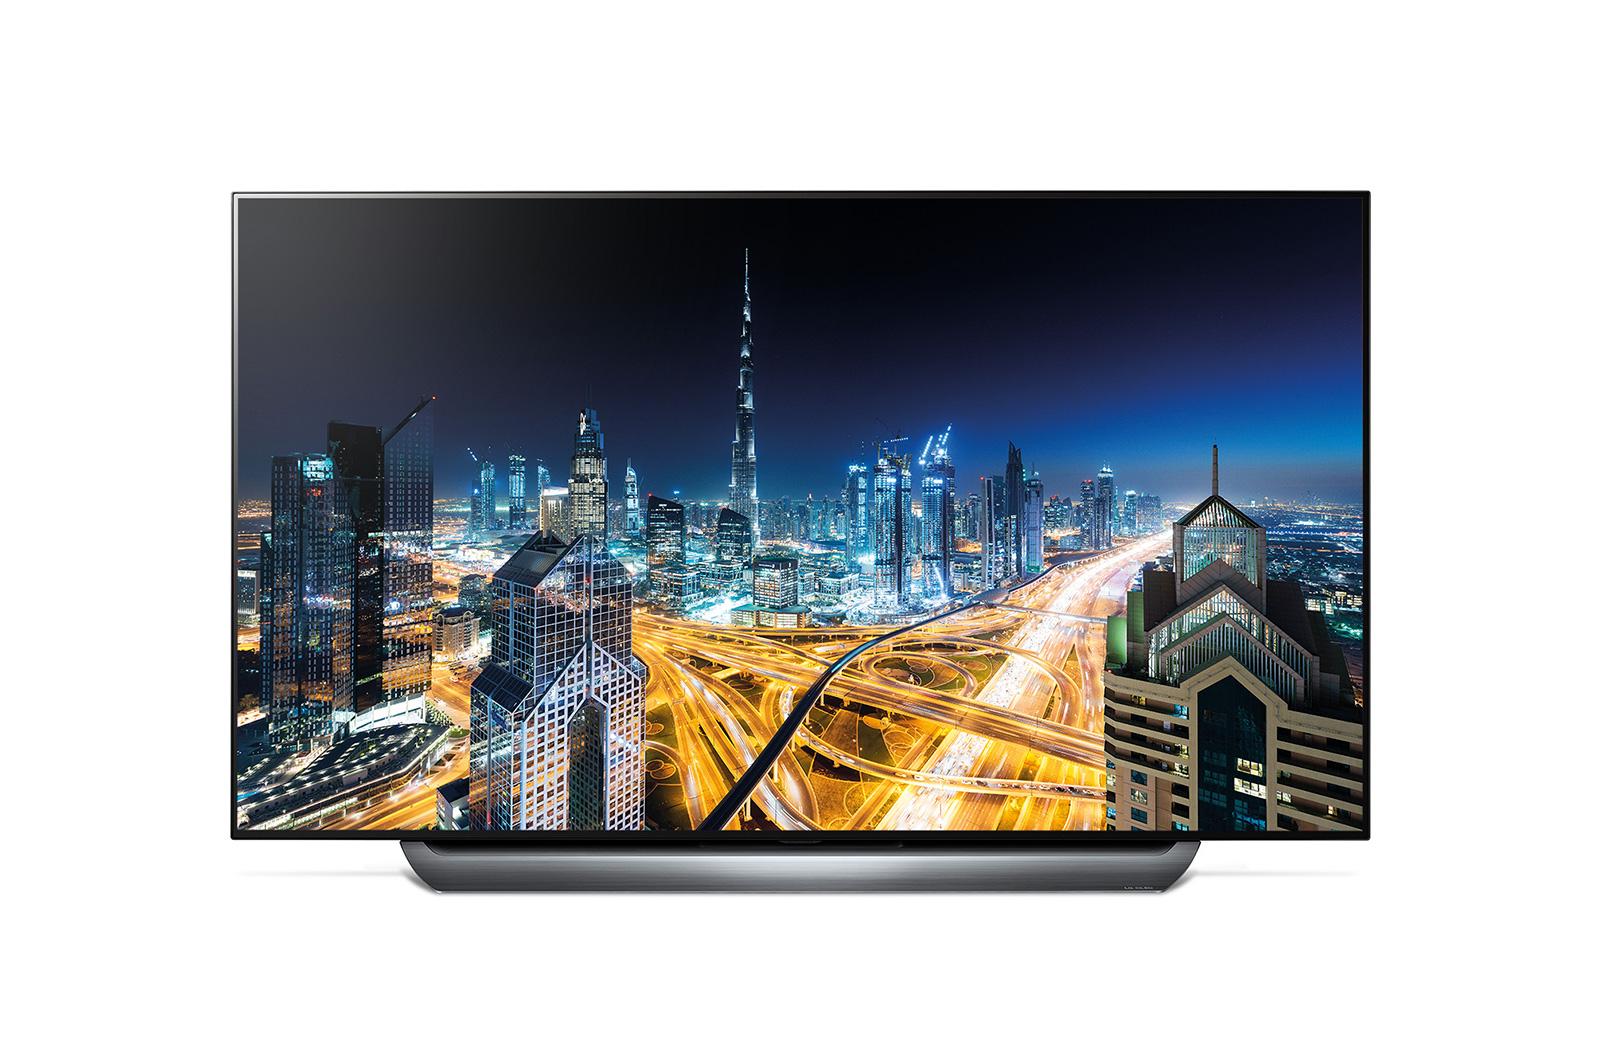 LG OLED 55C8 bei Rakuten für 1.244,58€ + 175€/219€ in Superpunkten